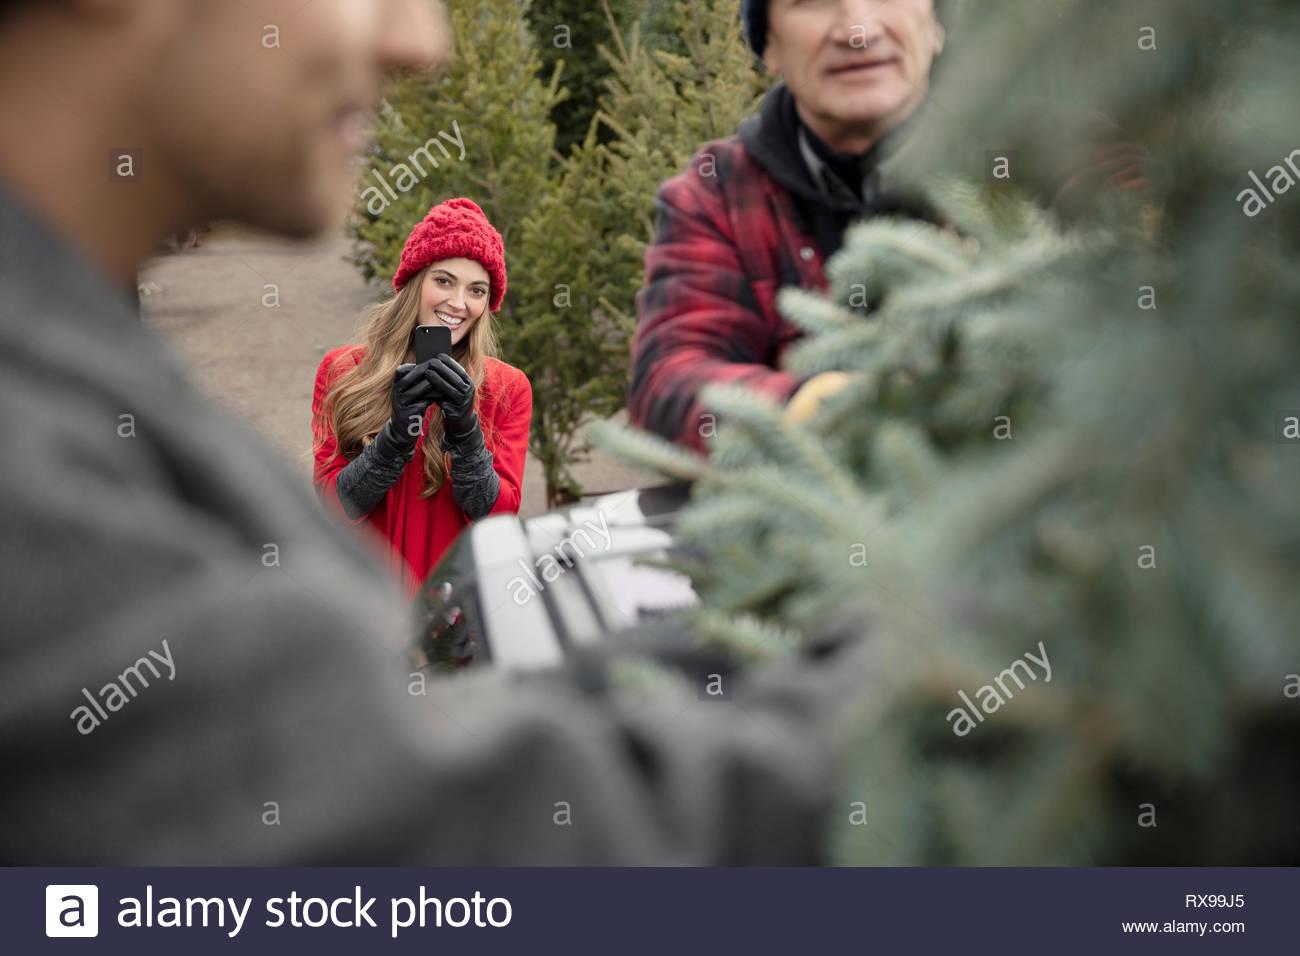 Frau mit Kamera Handy fotografieren Freund Einkaufen für Weihnachtsbaum am Weihnachtsmarkt Stockbild